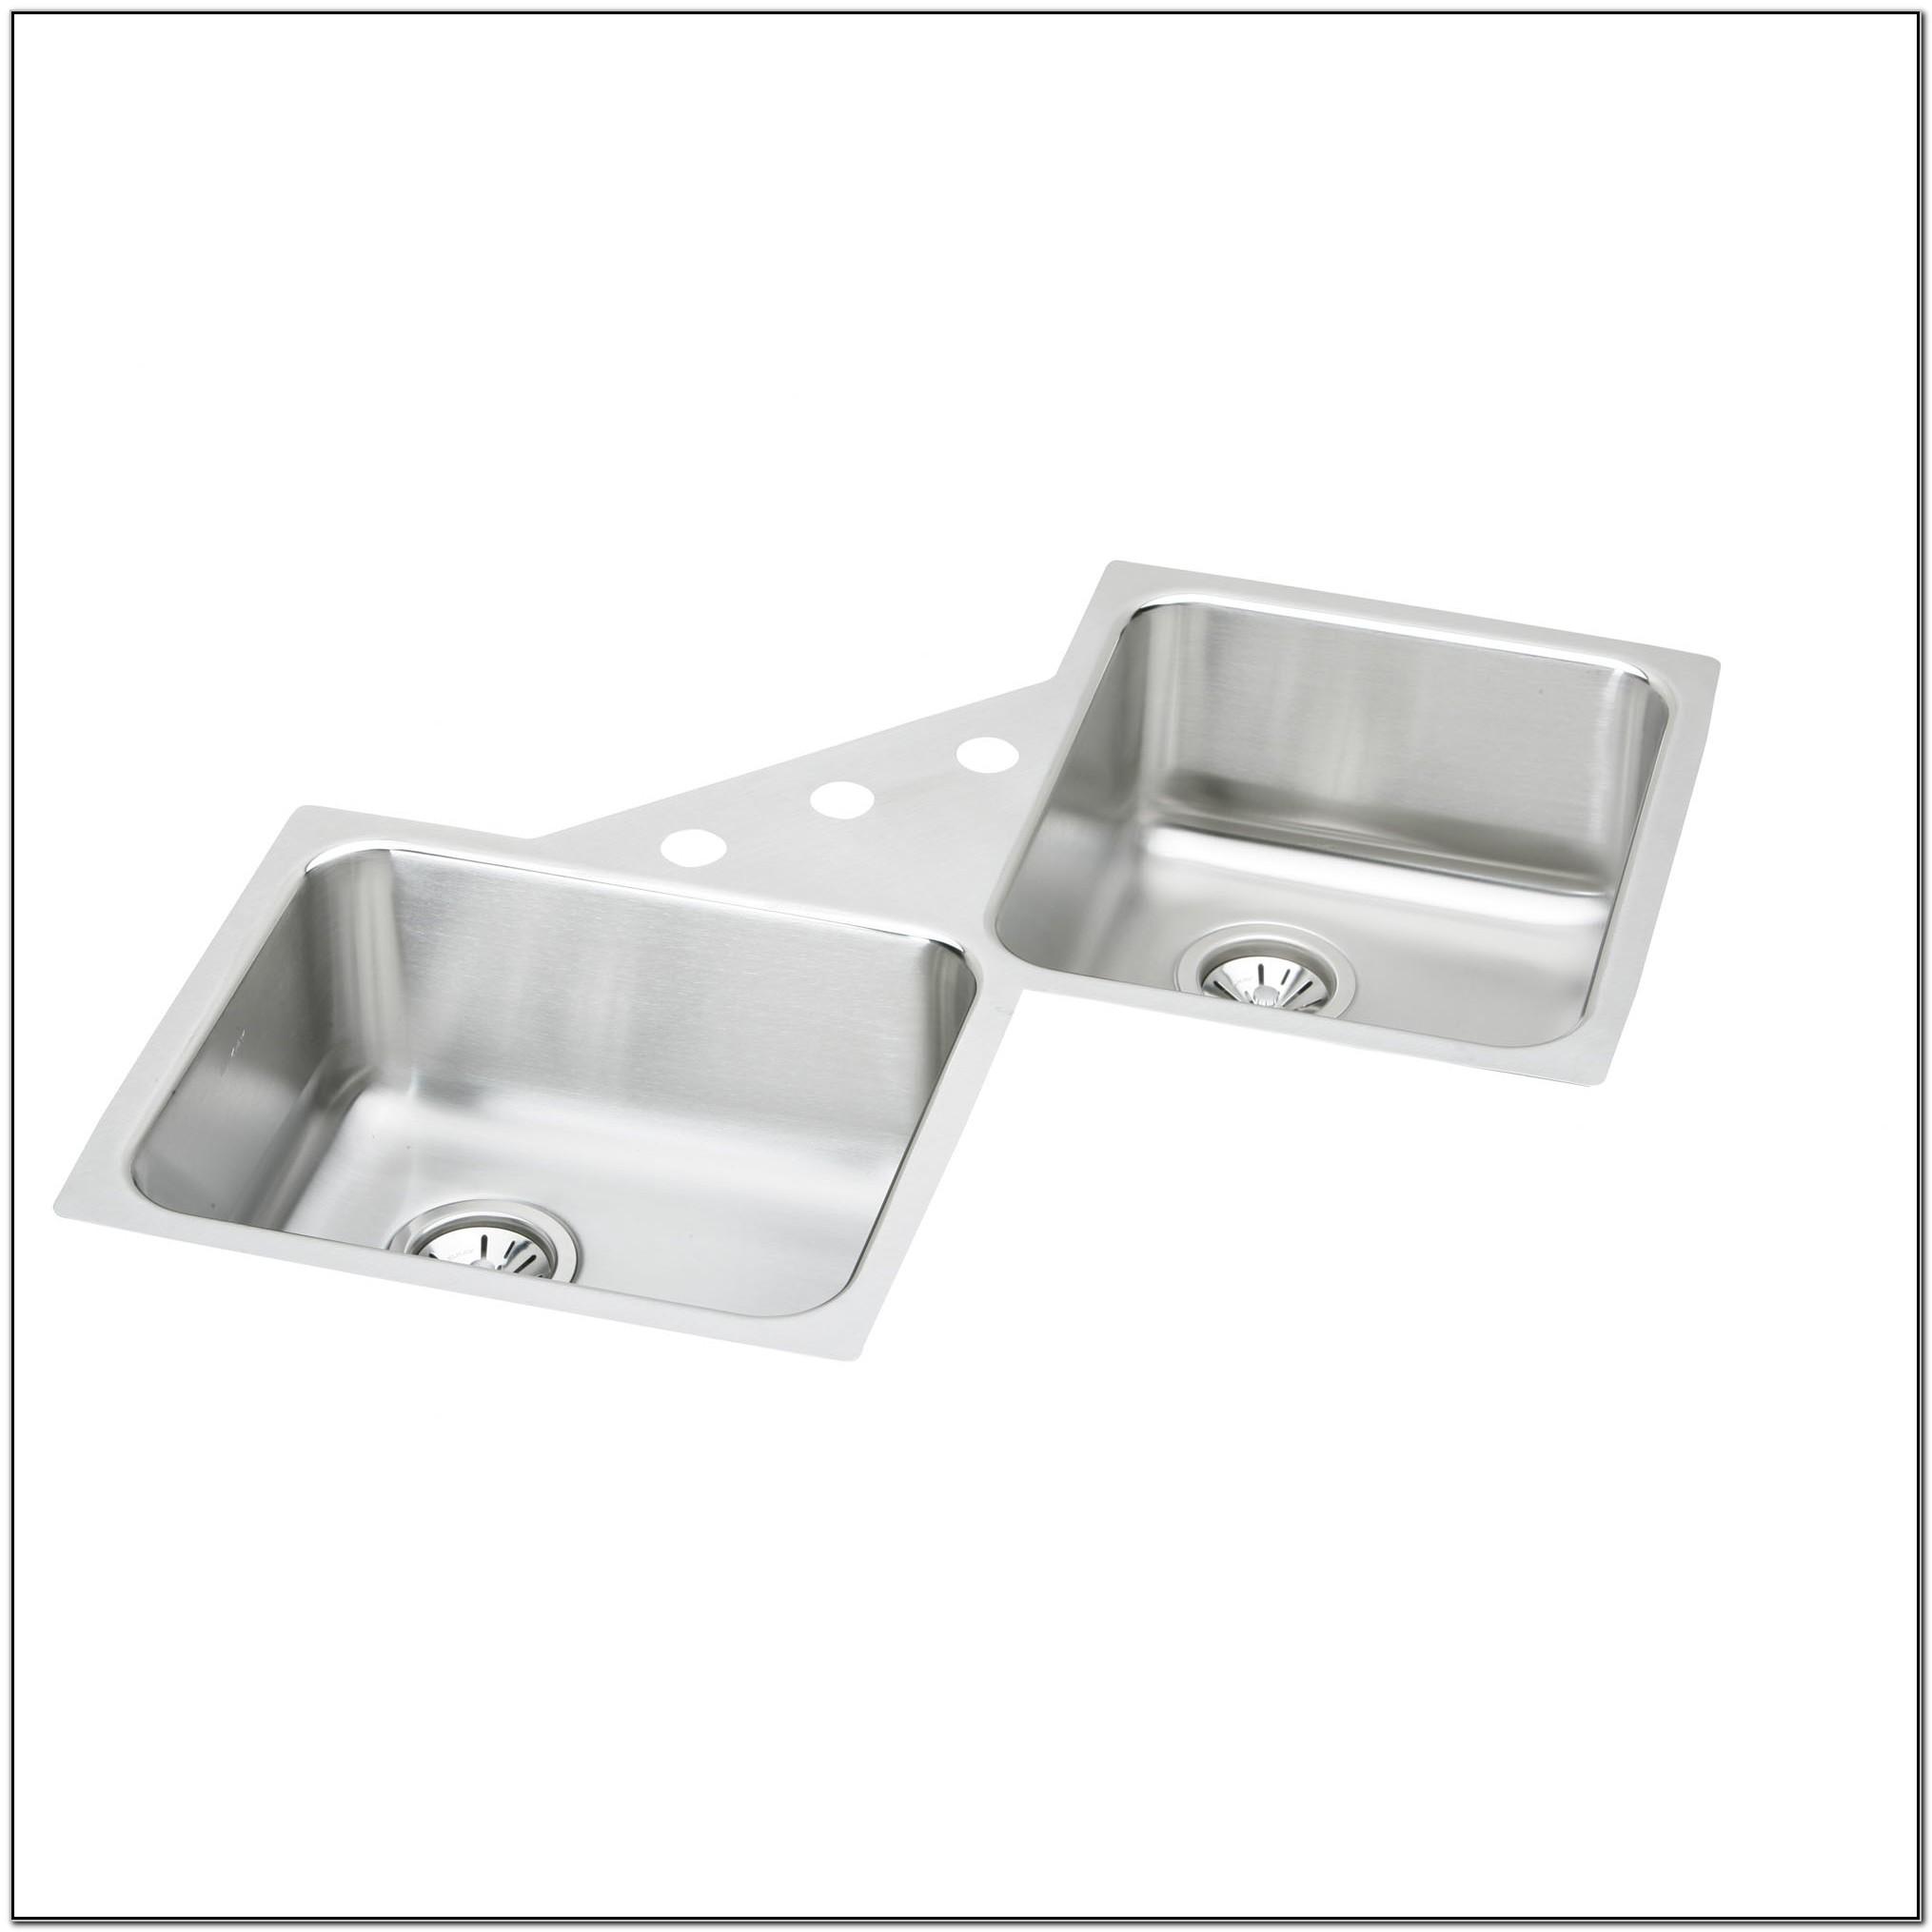 Elkay Undermount Corner Kitchen Sink